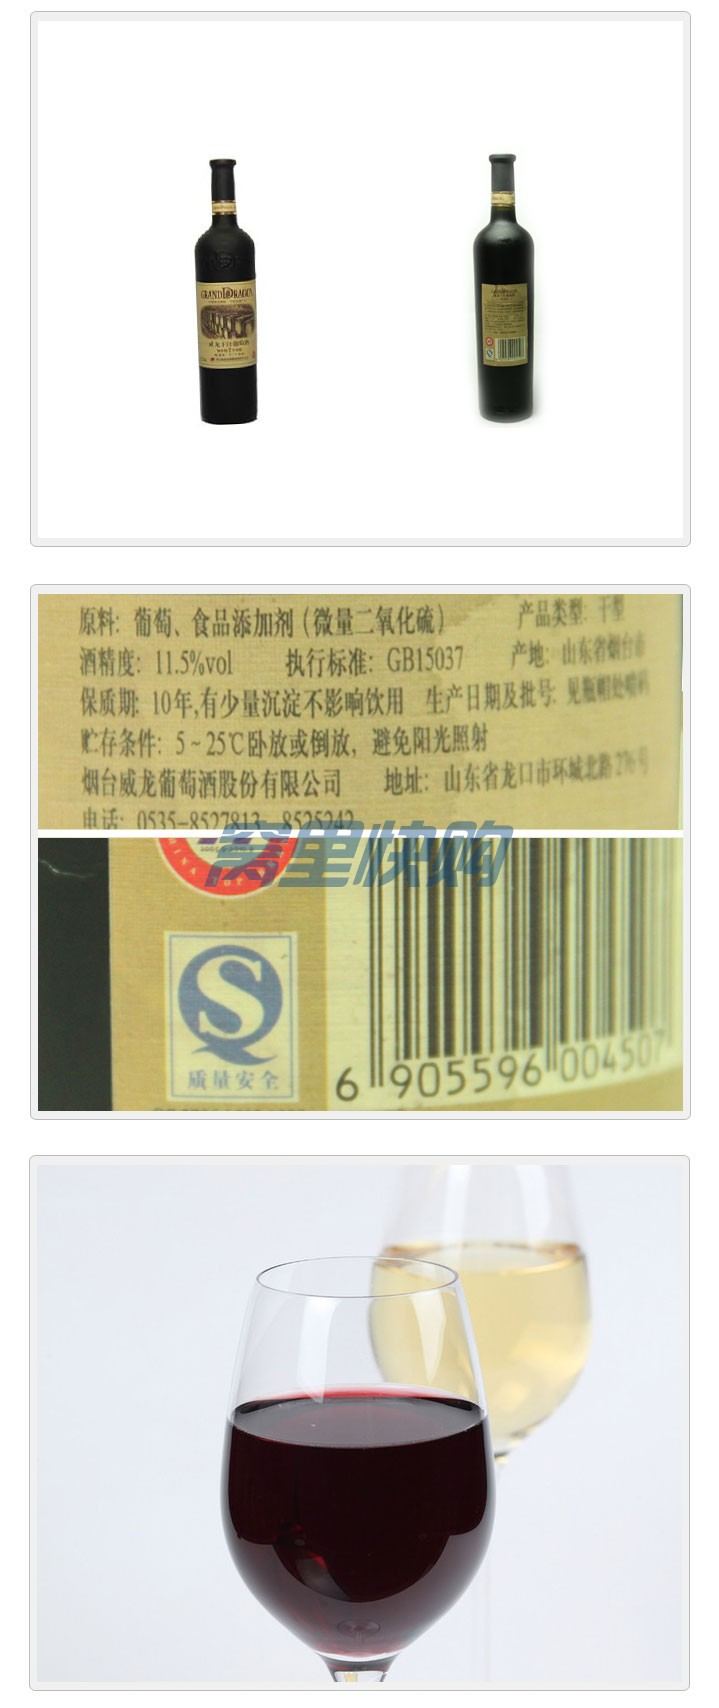 威龙橡木桶7年陈酿干红葡萄酒4507